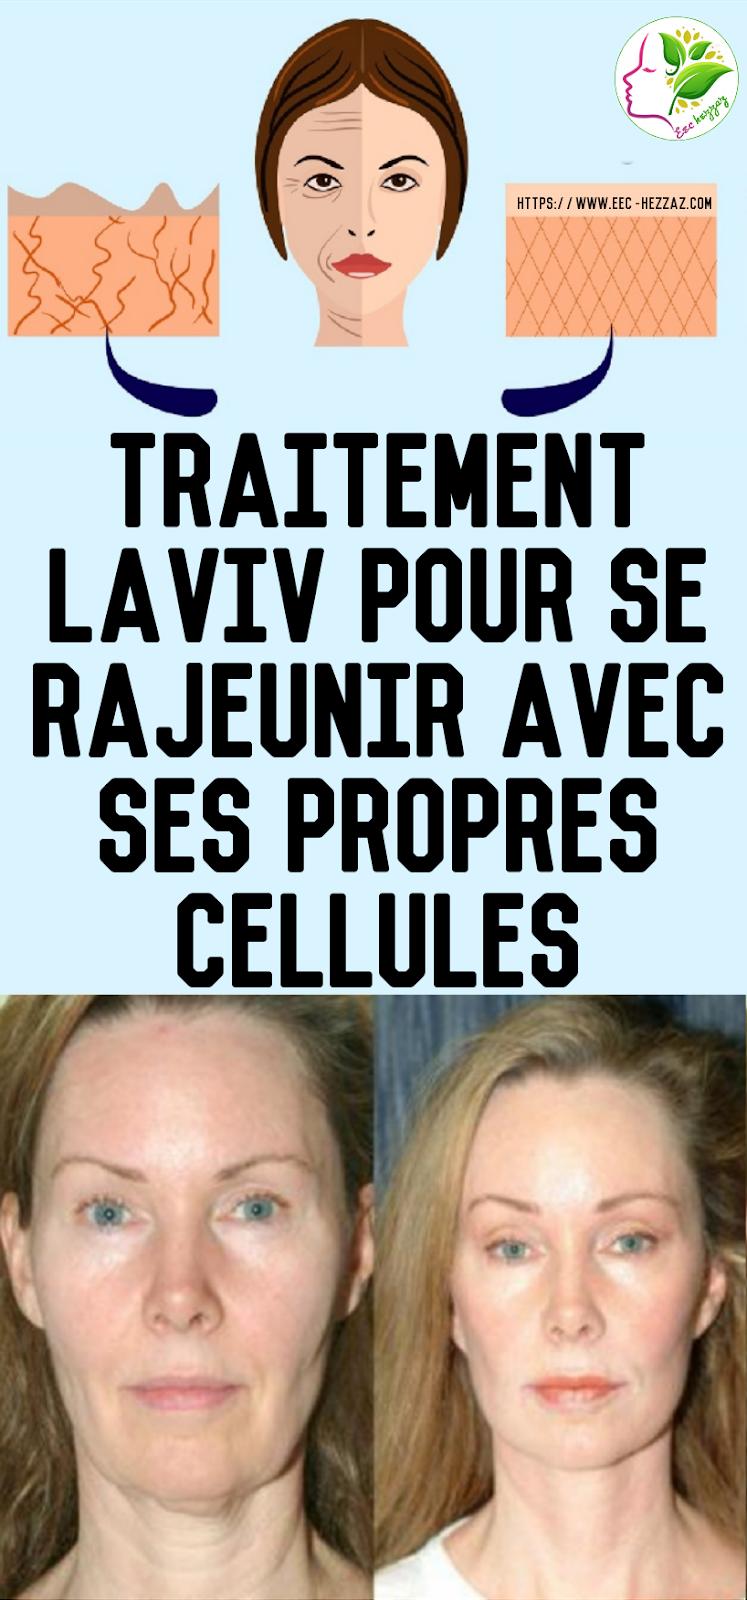 Traitement Laviv pour se rajeunir avec ses propres cellules